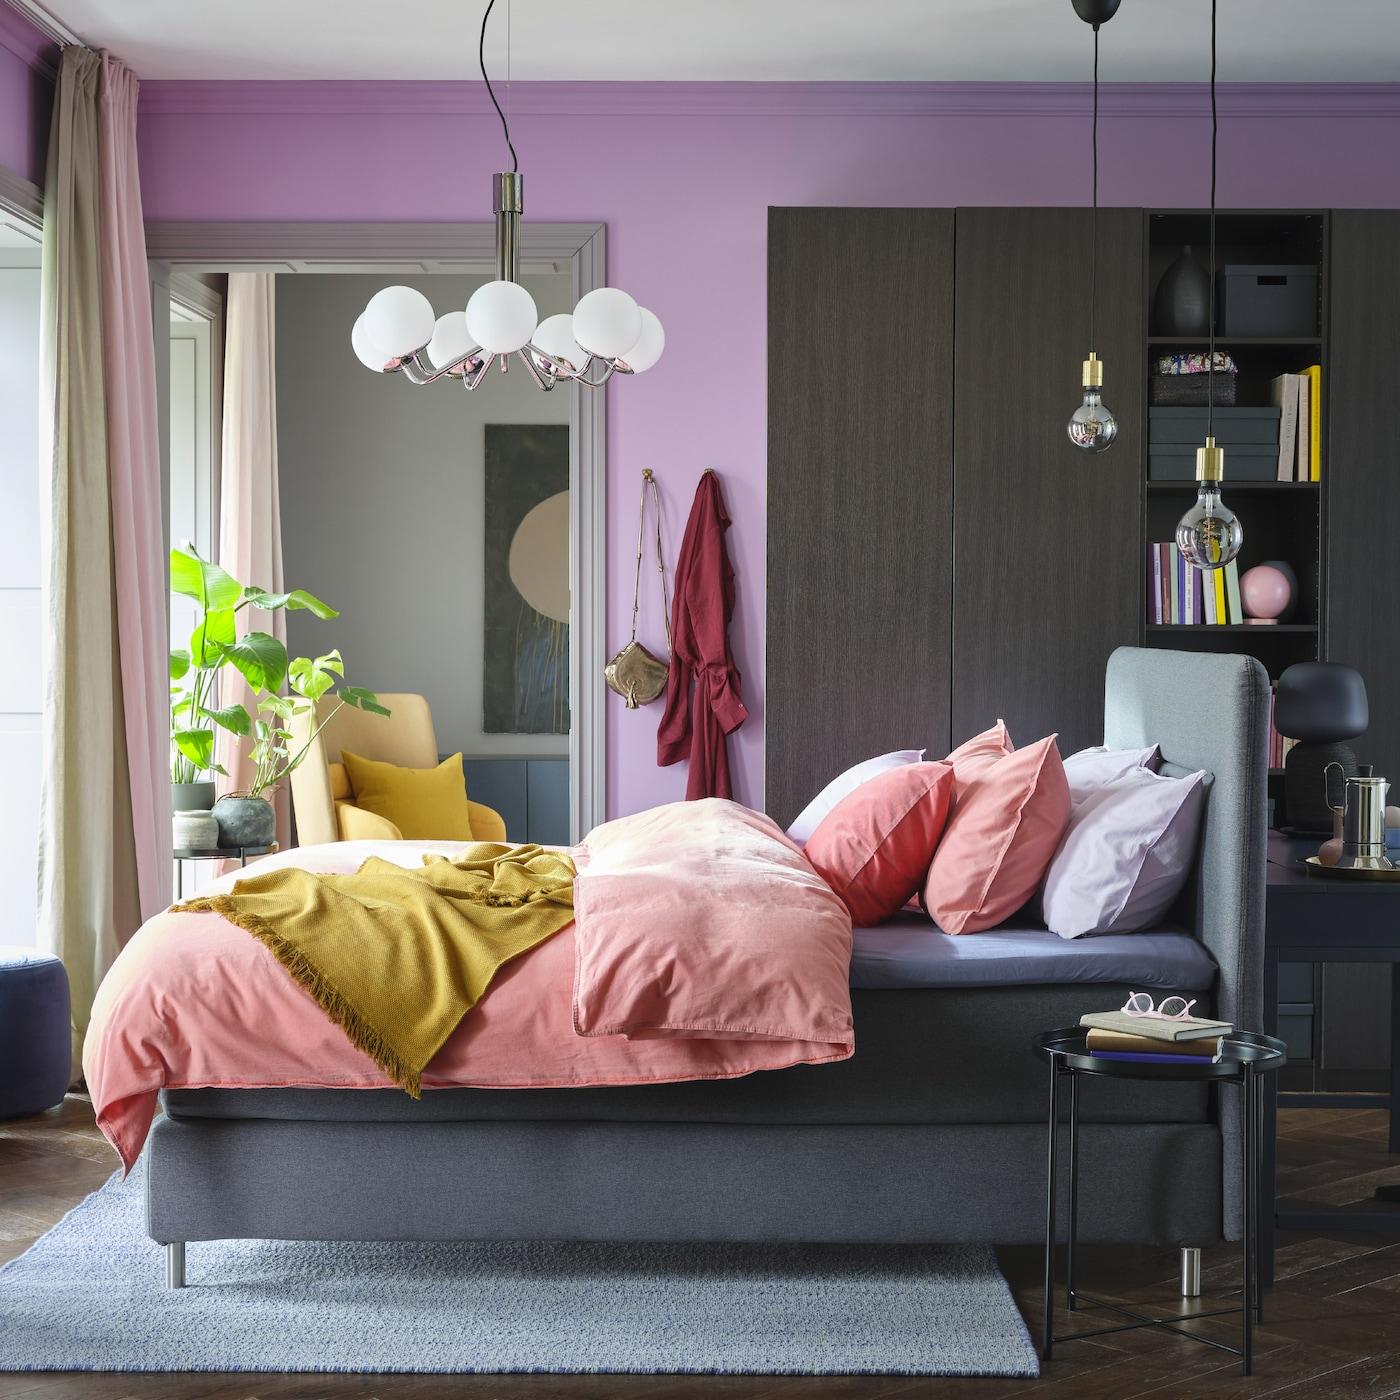 Une chambre haute en couleurs: murs mauves, linge de lit rose clair et mauve, plaid couleur moutarde, armoire brun-noir et lit-sommier gris.